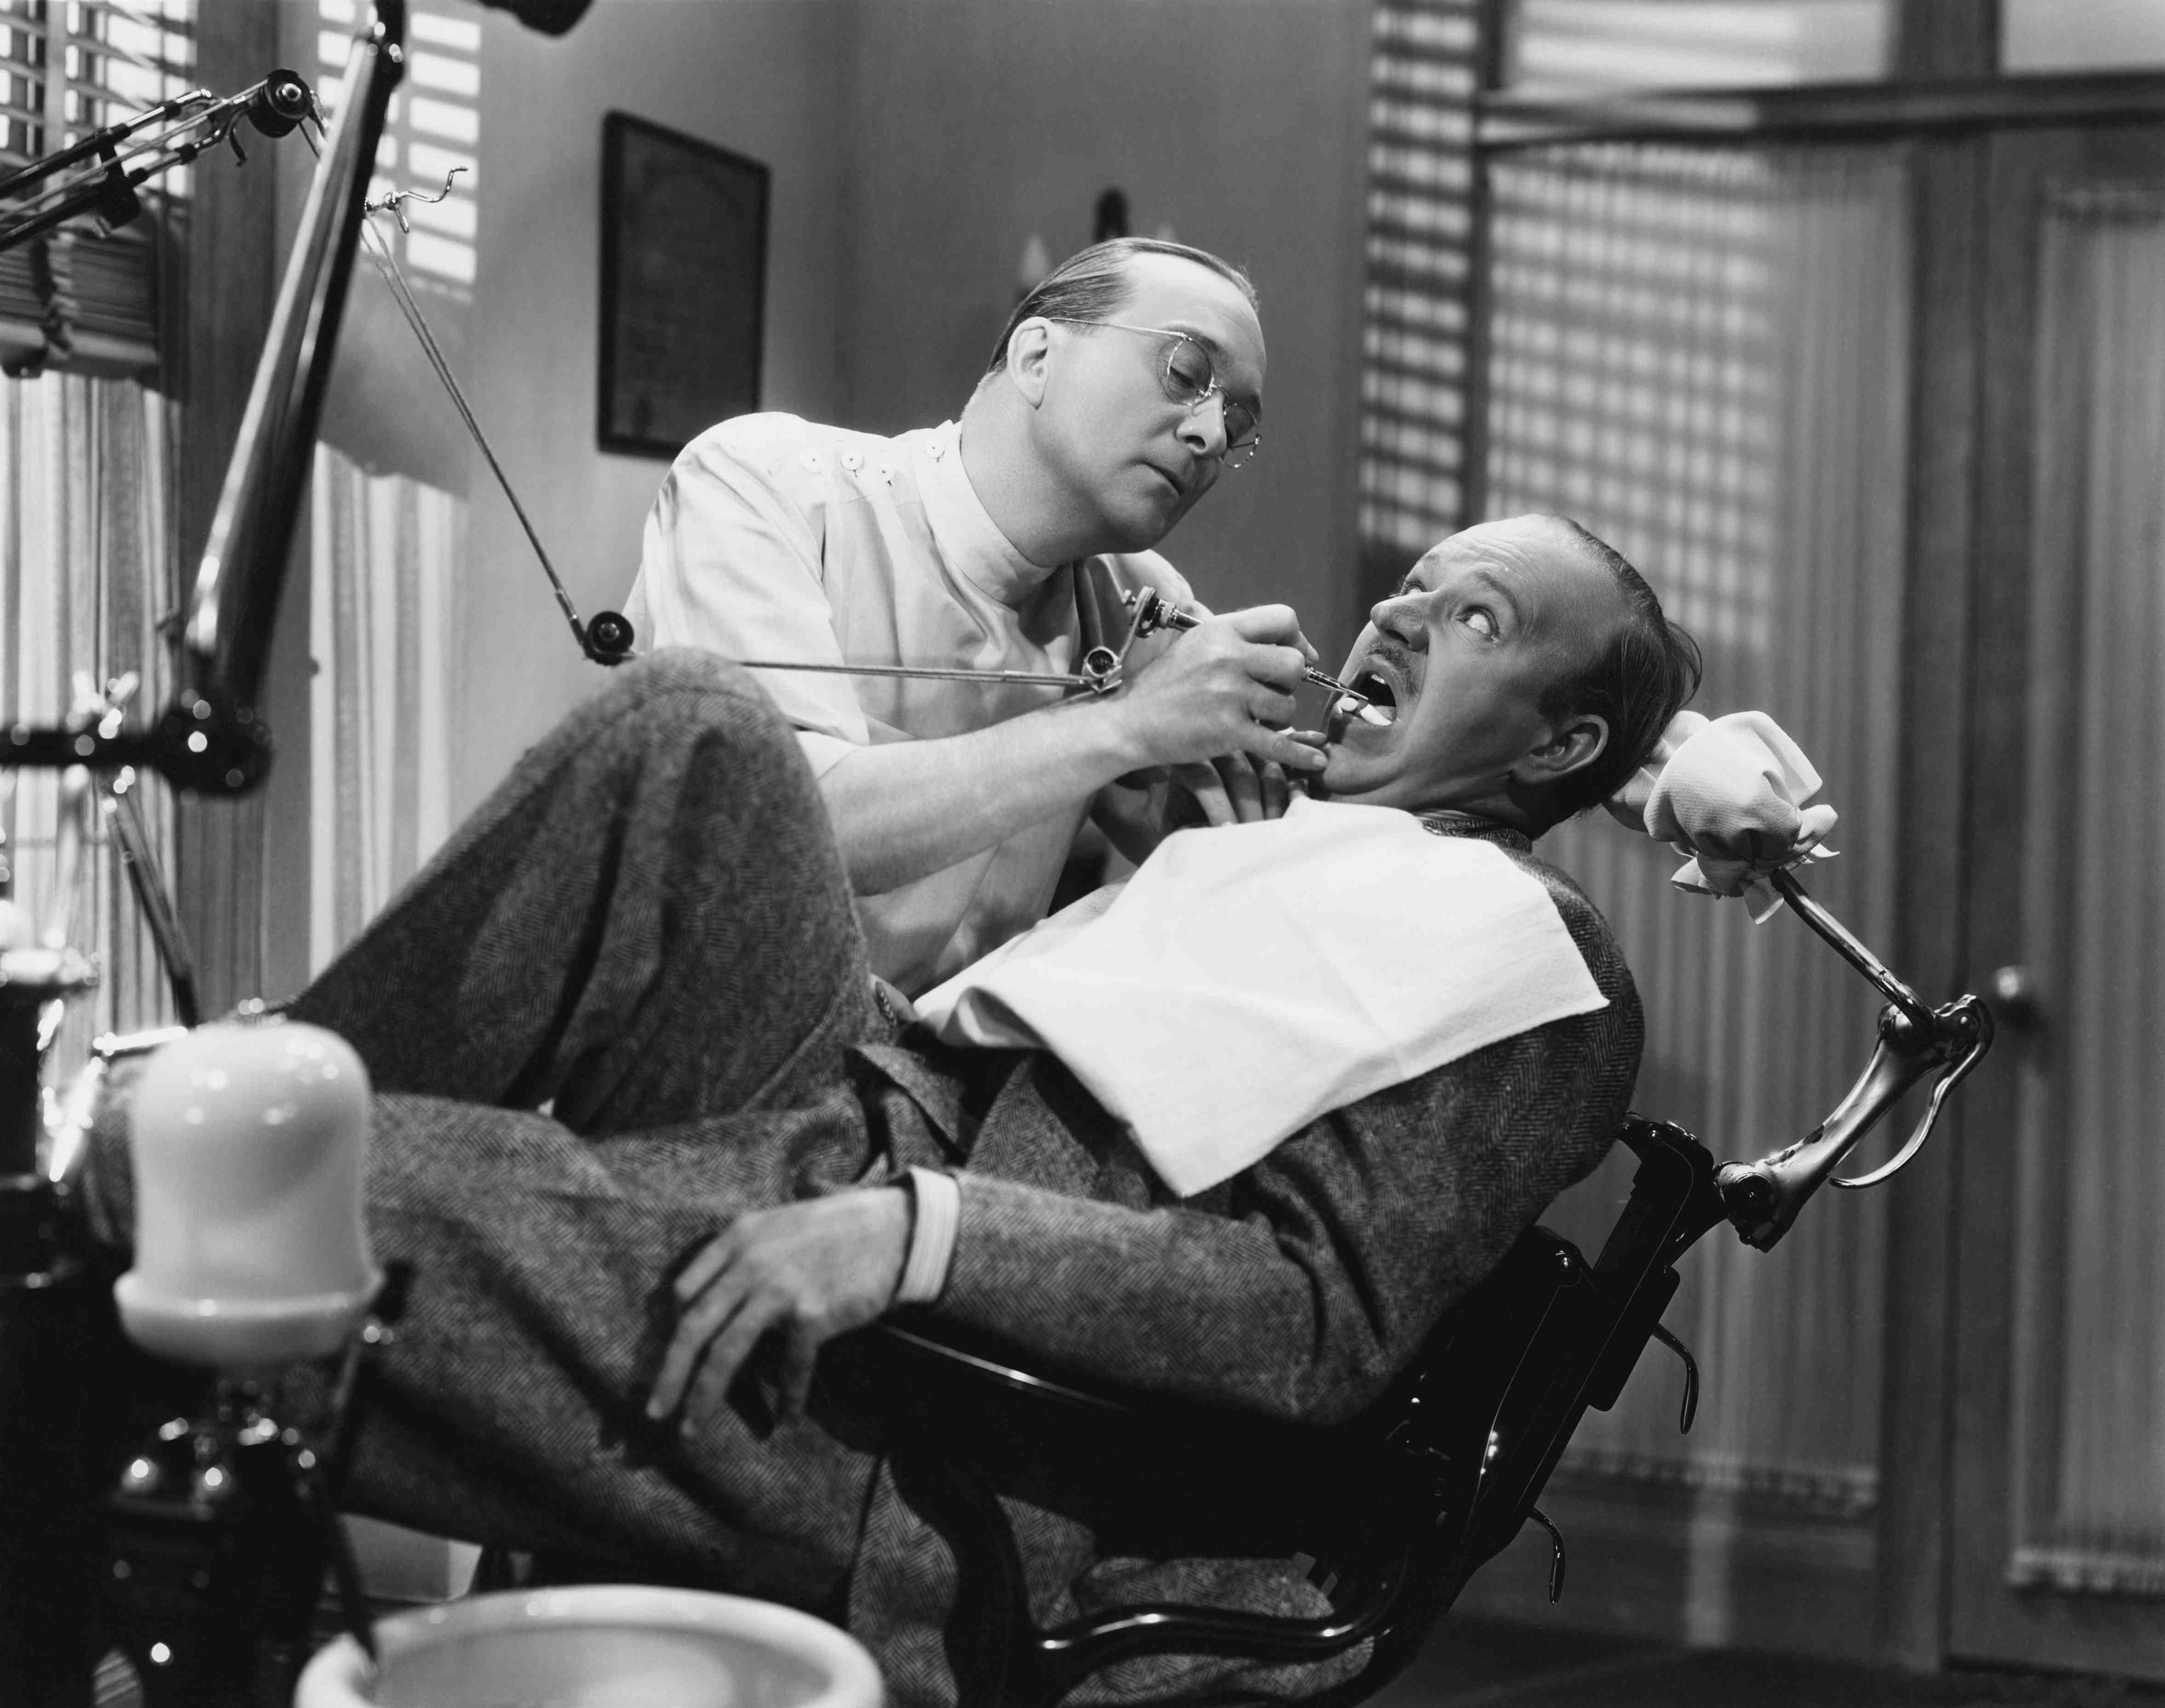 Dentysta - retro zdjęcie - Twój abonament wygasł